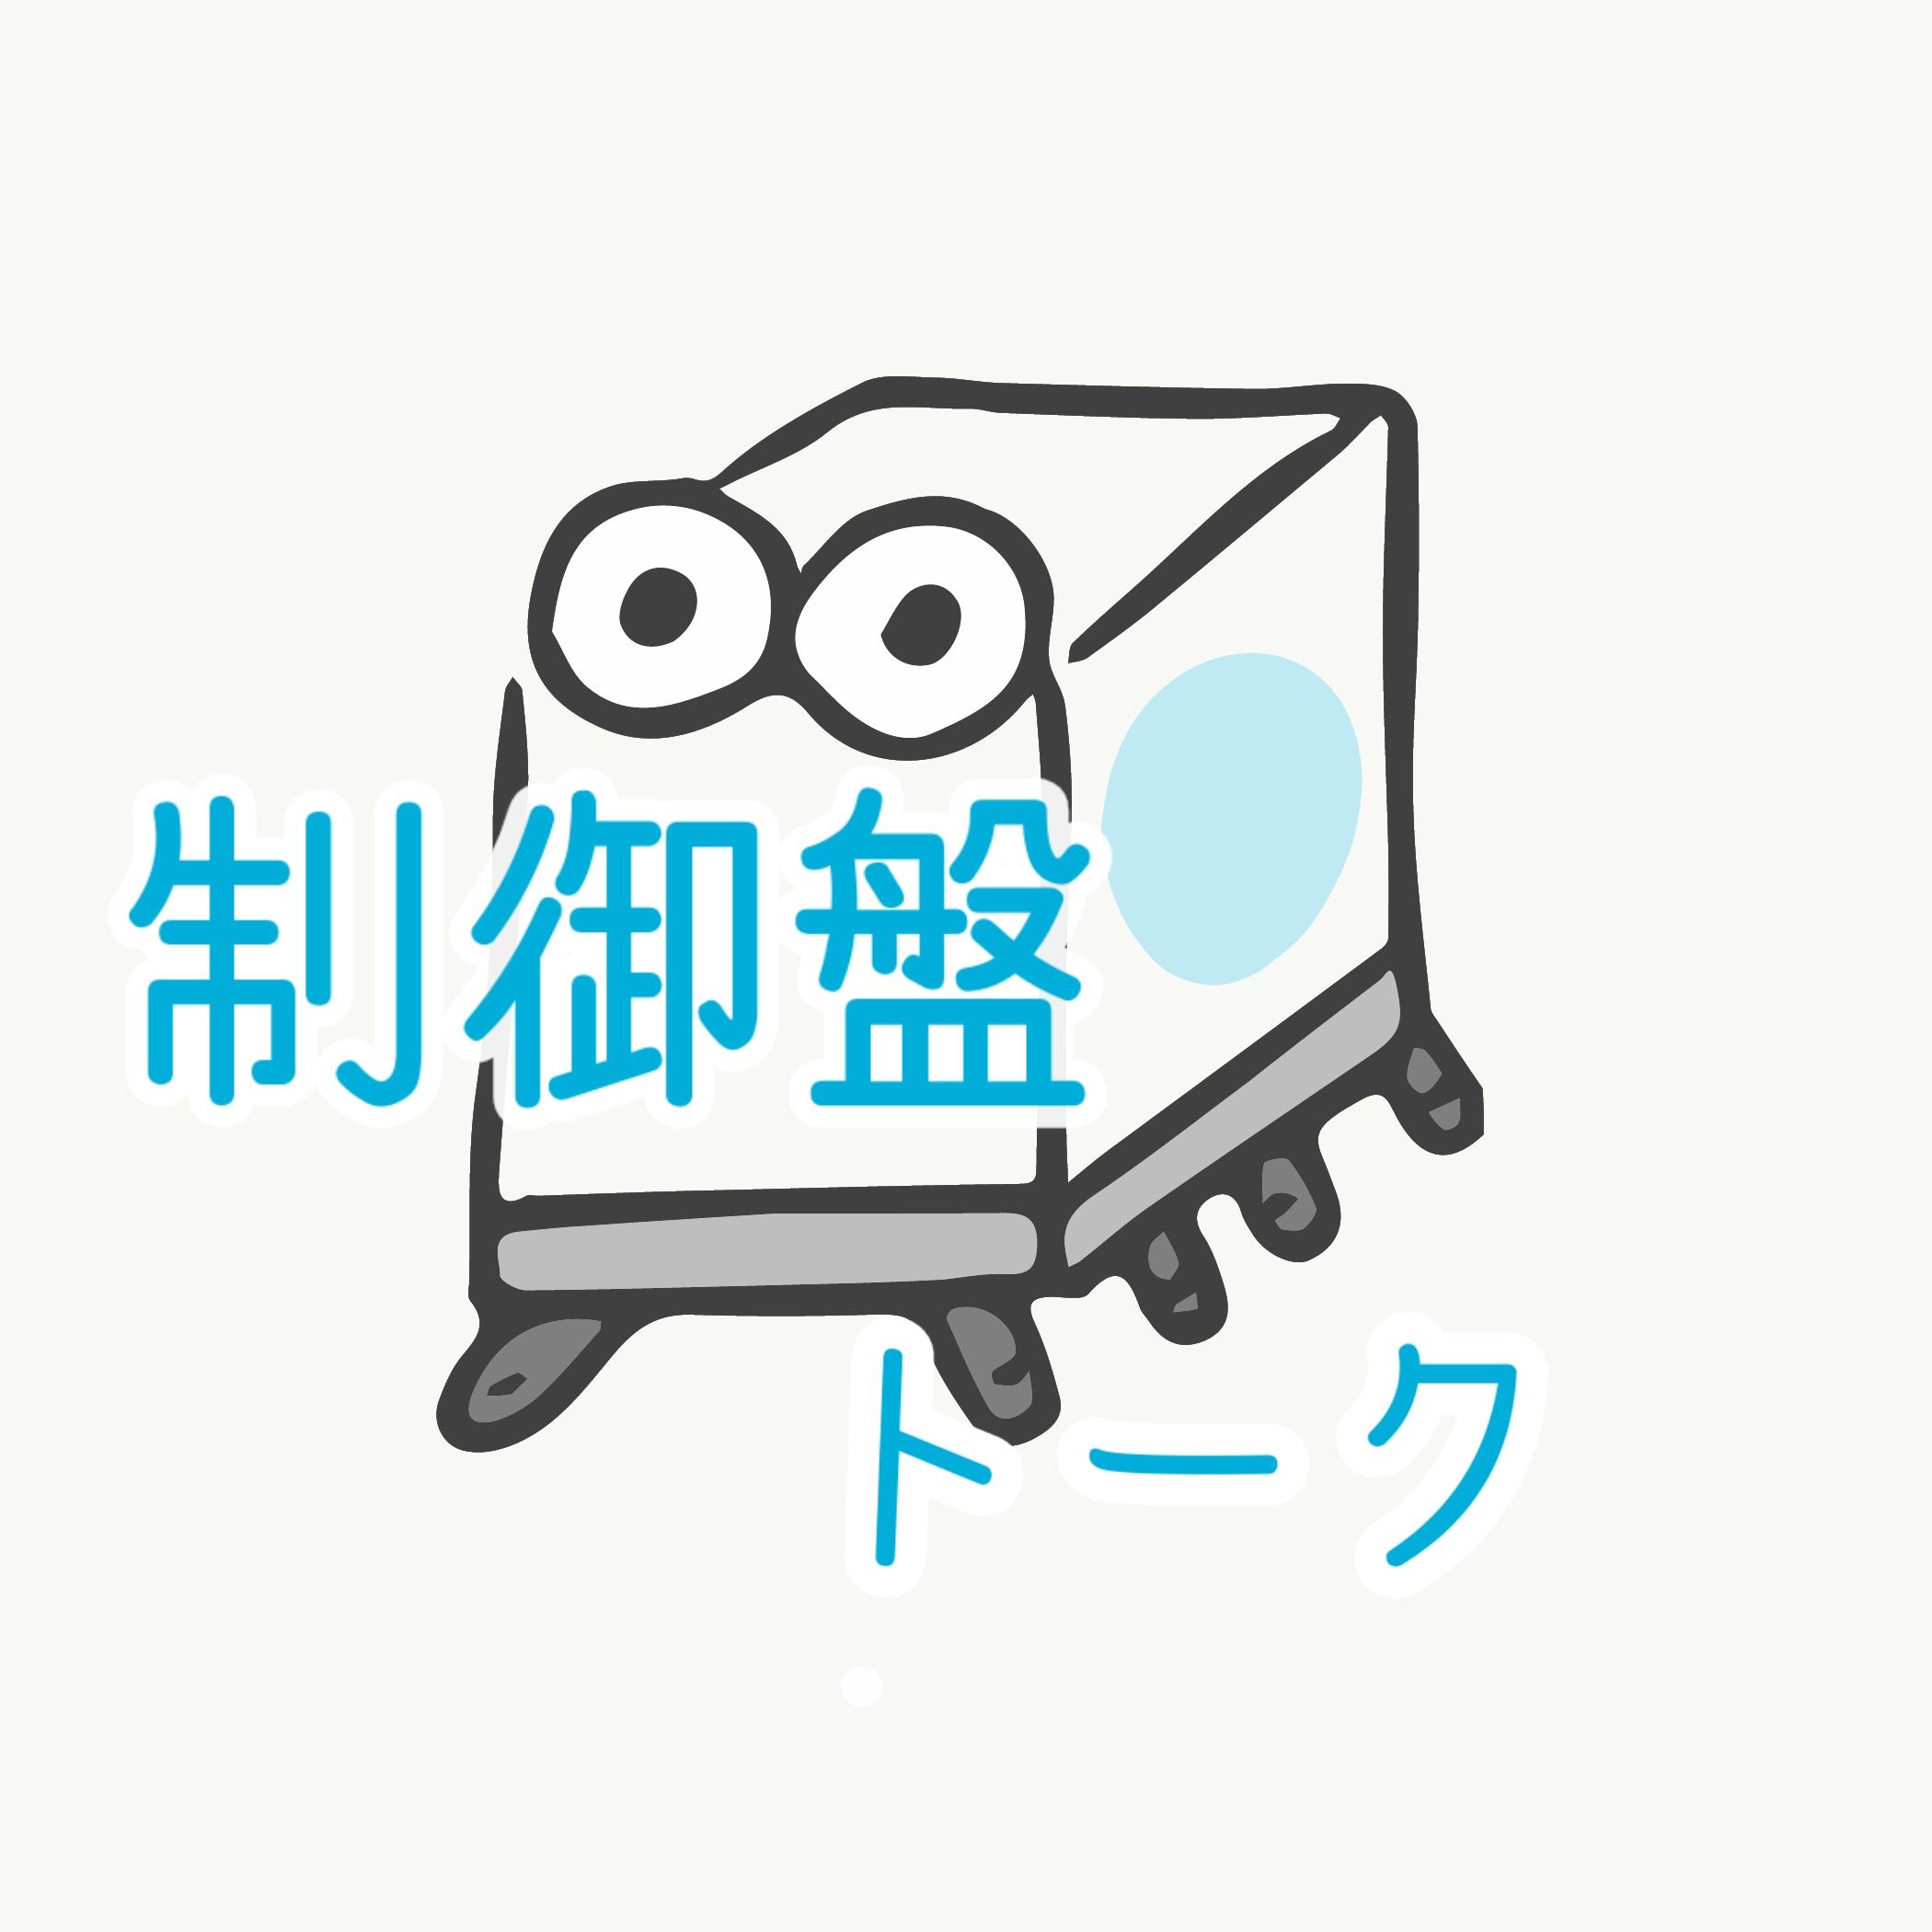 #06-高専からネットワークエンジニアまでの話[前編]